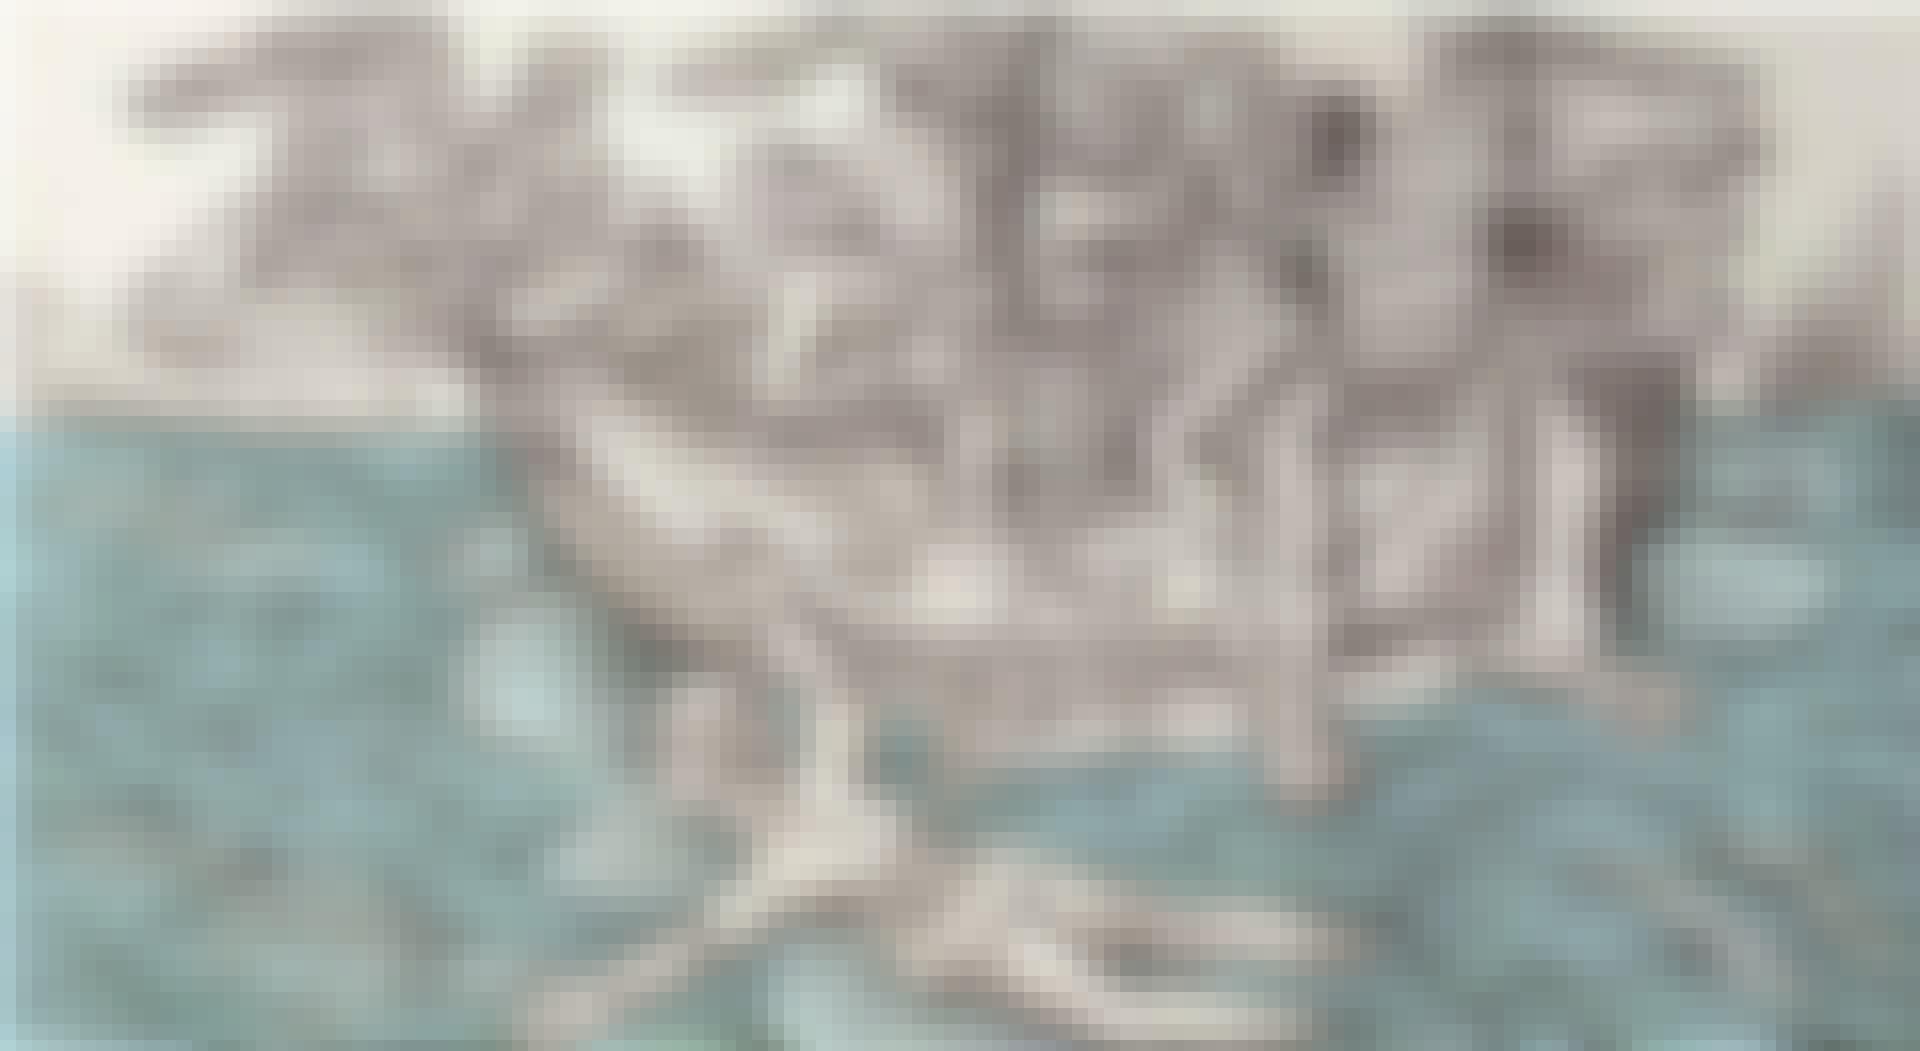 keelhauled